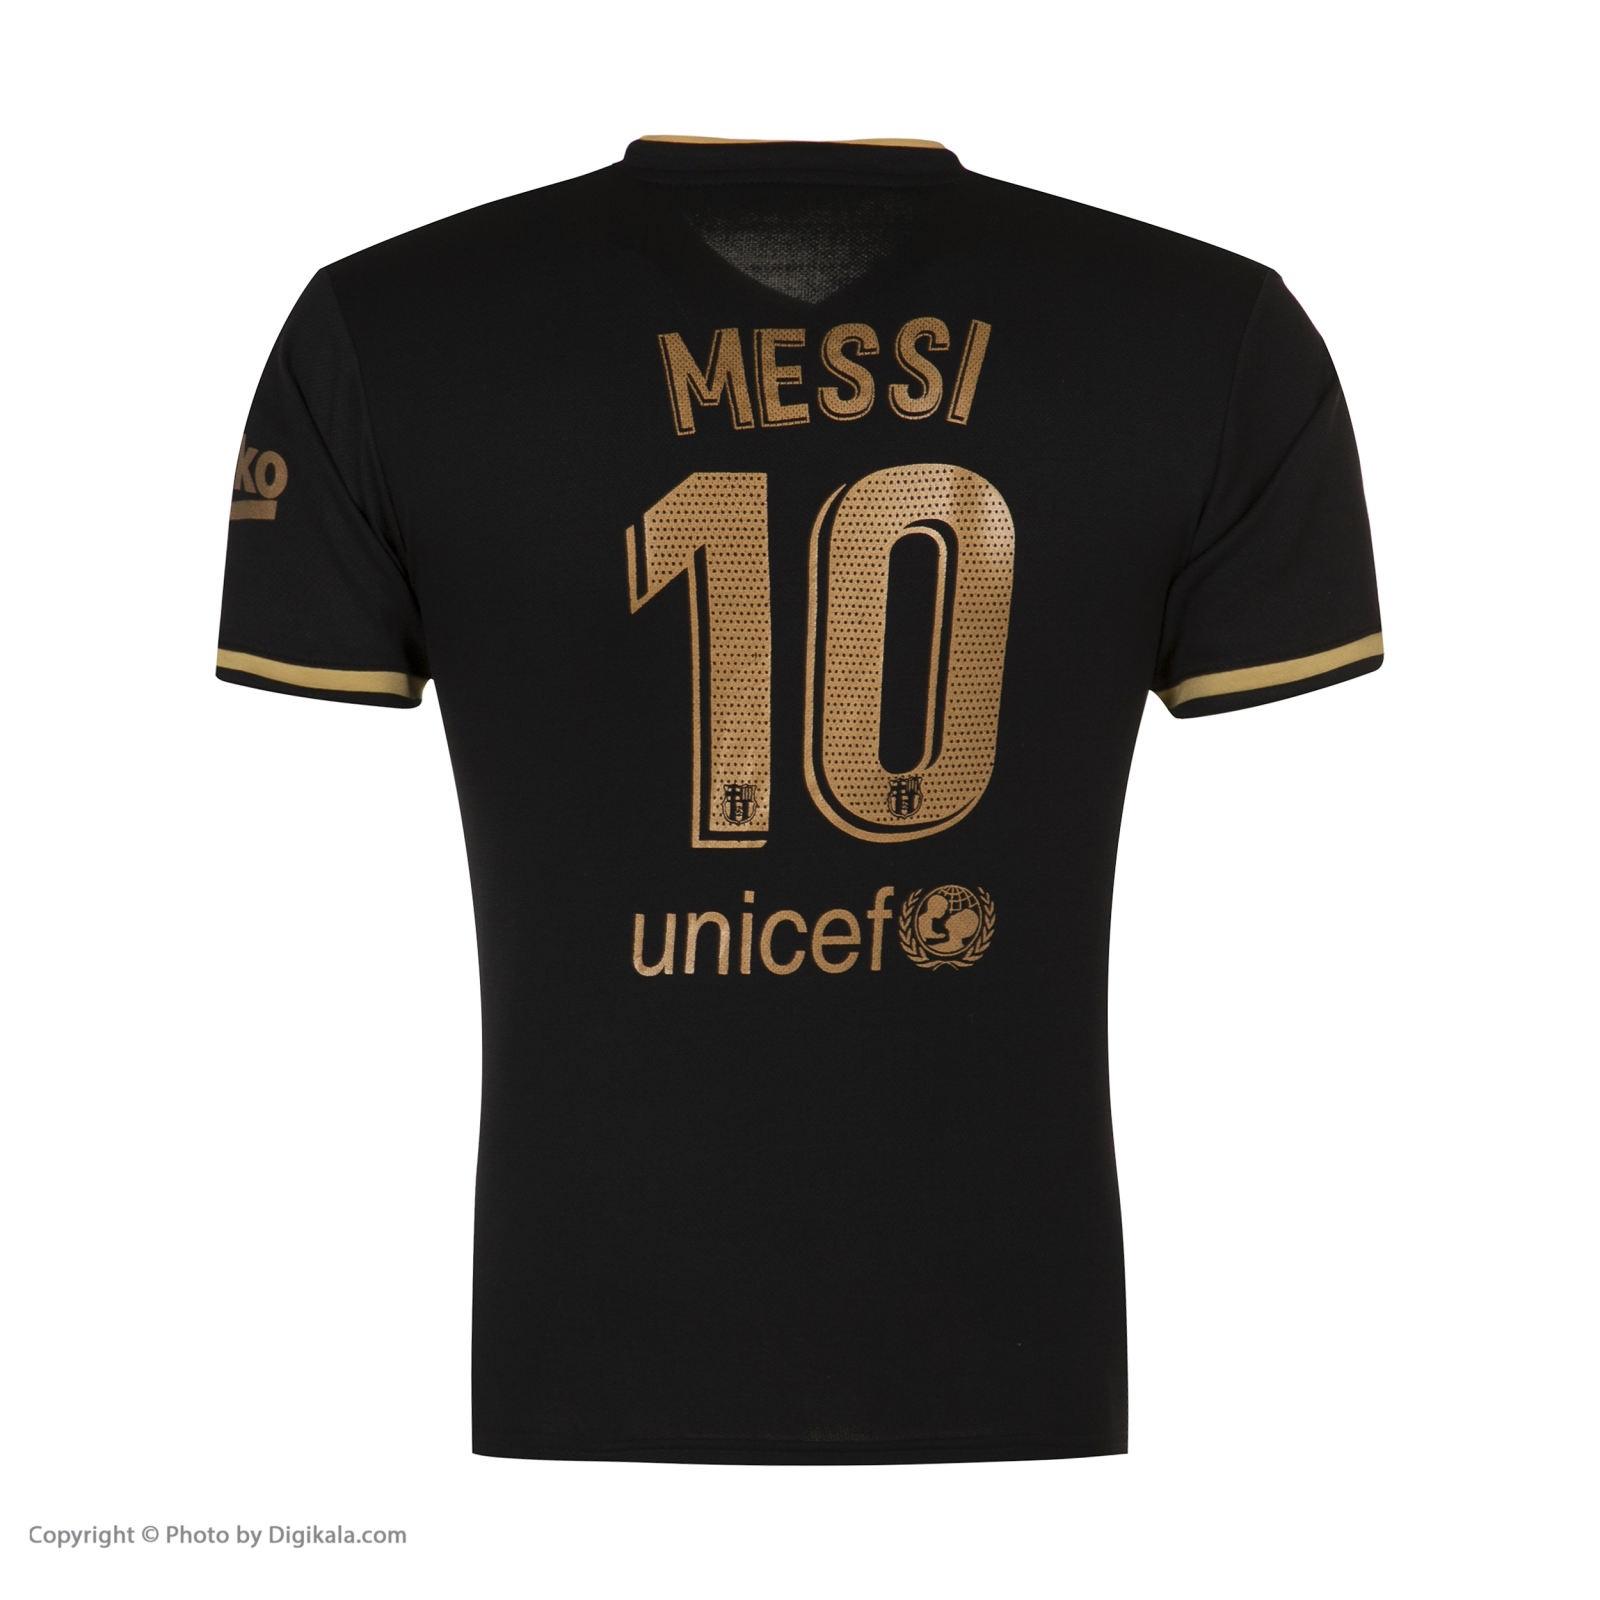 ست 4 تکه لباس ورزشی پسرانه طرح بارسلونا مدل مسی 2021away                     غیر اصل